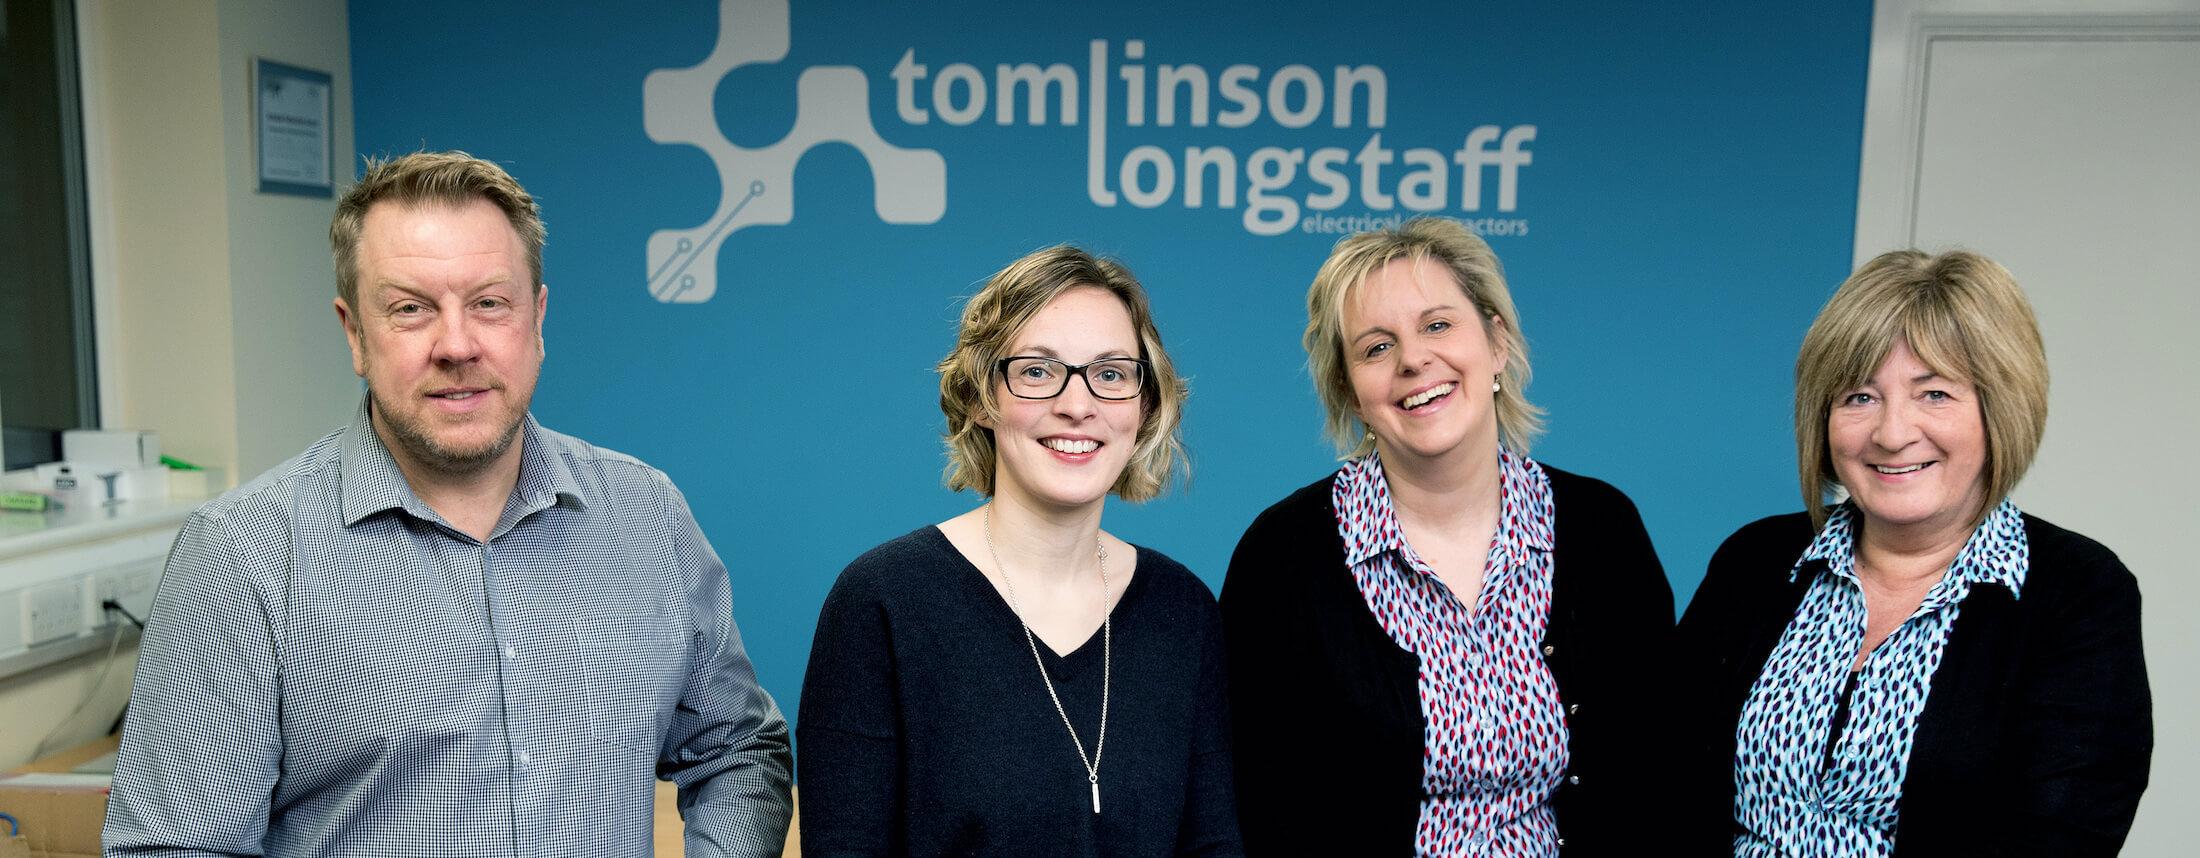 Tomlinson Longstaff Office Team